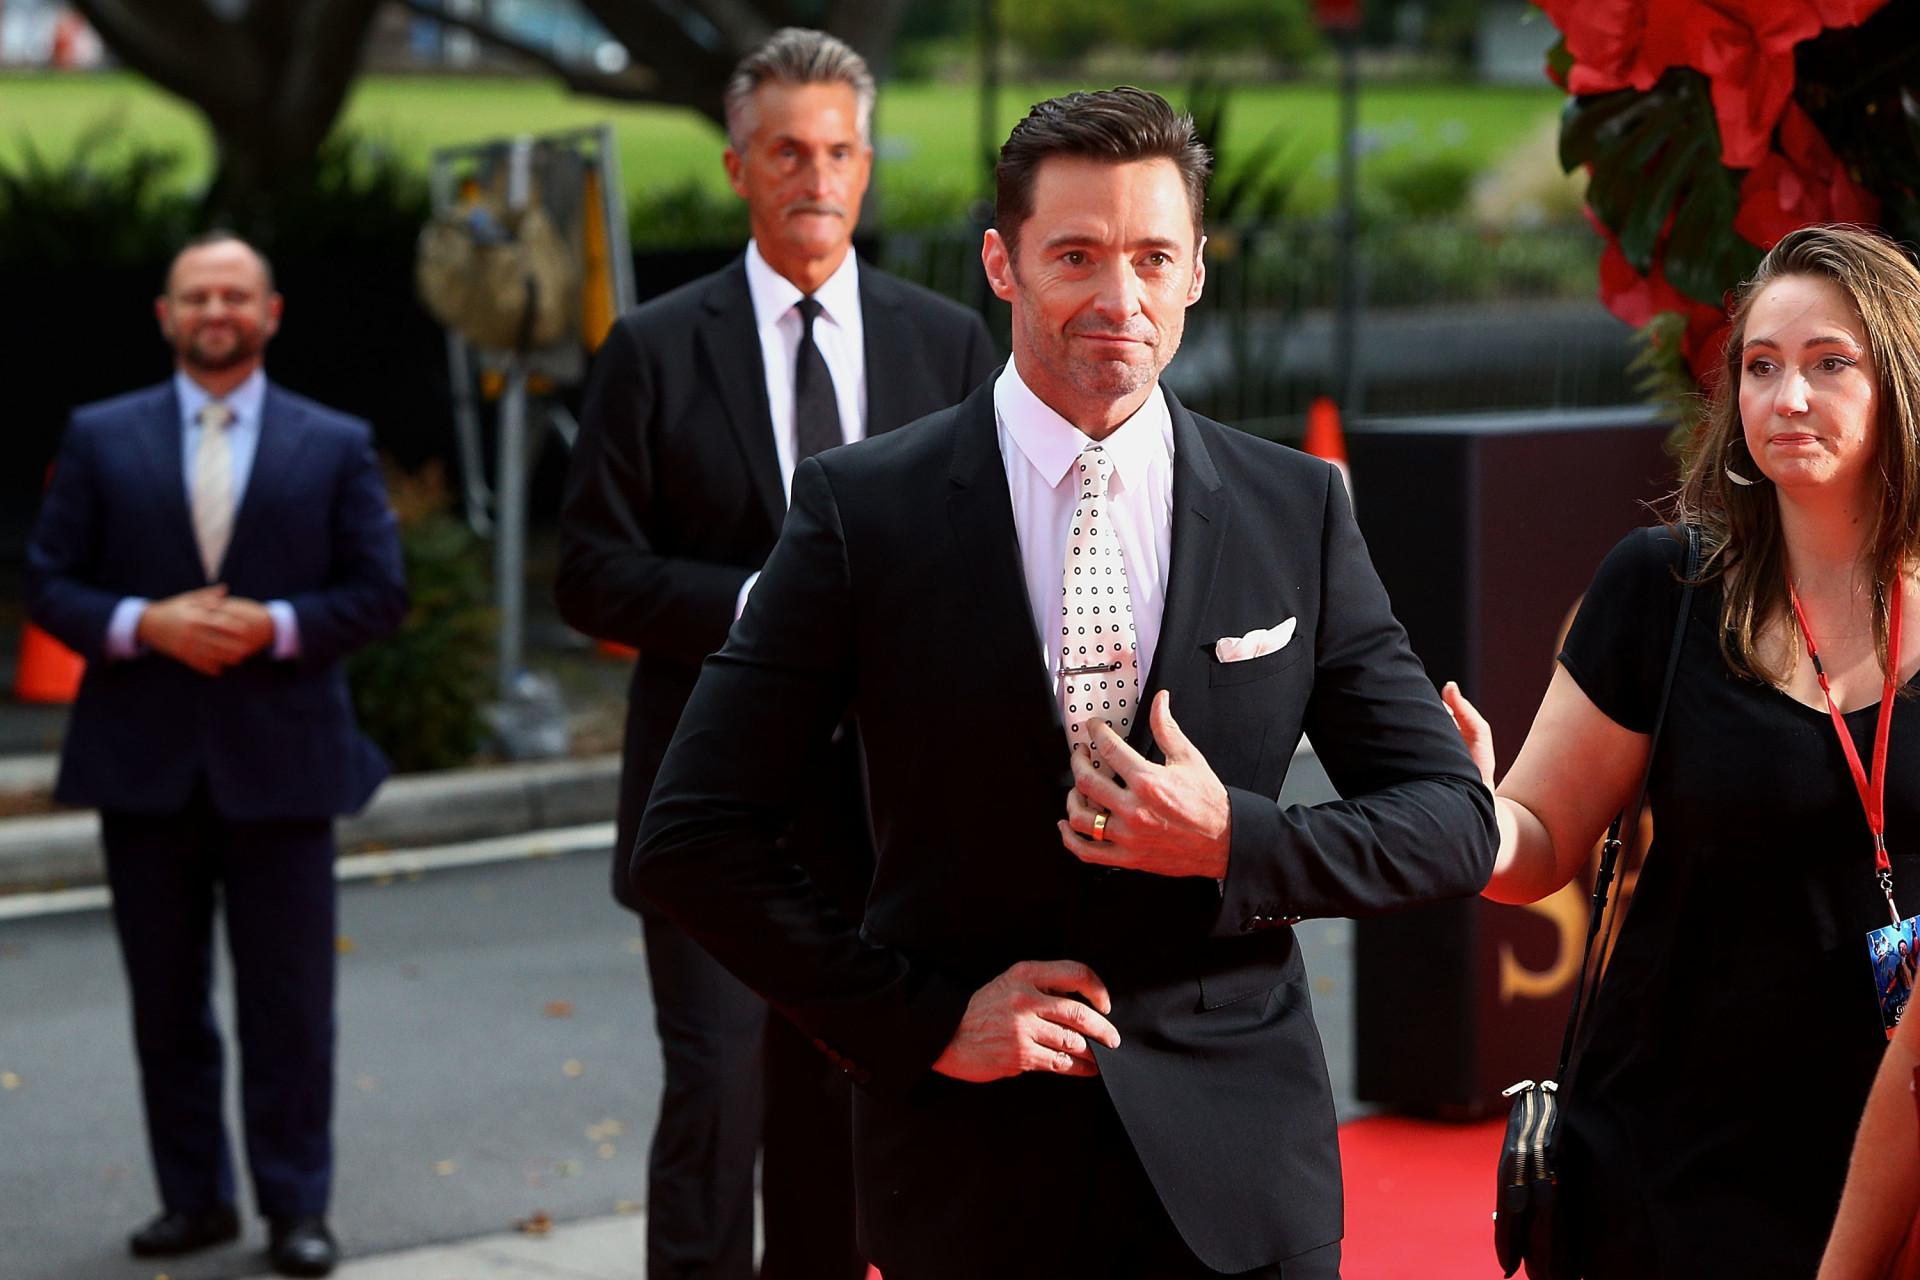 Será Hugh Jackman a personalidade mais bondosa de Hollywood?